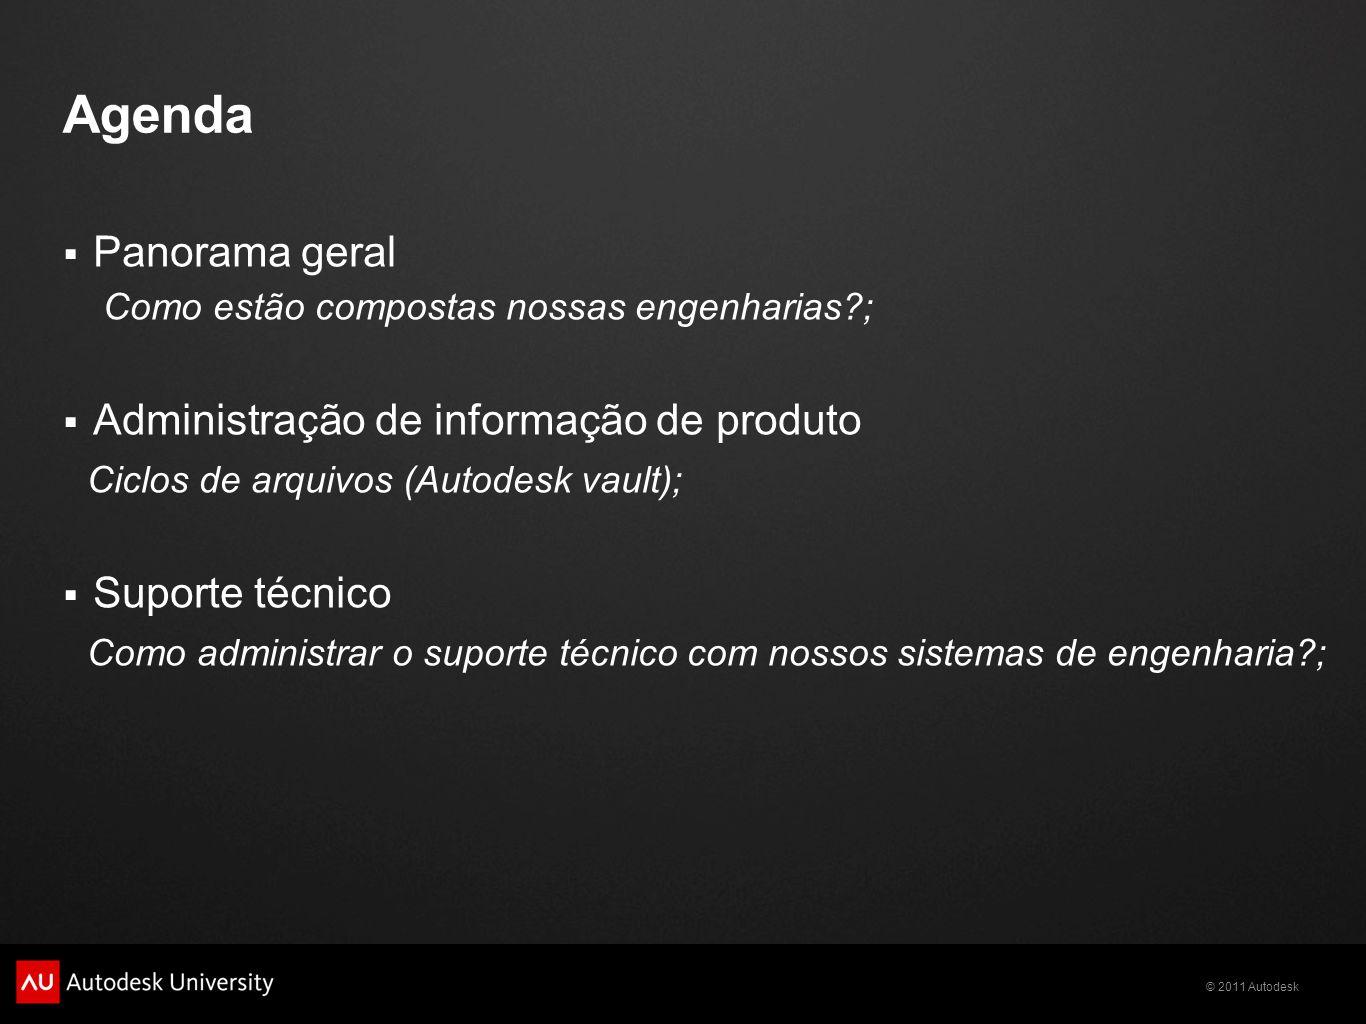 Agenda Panorama geral Como estão compostas nossas engenharias?; Administração de informação de produto Ciclos de arquivos (Autodesk vault); Suporte té